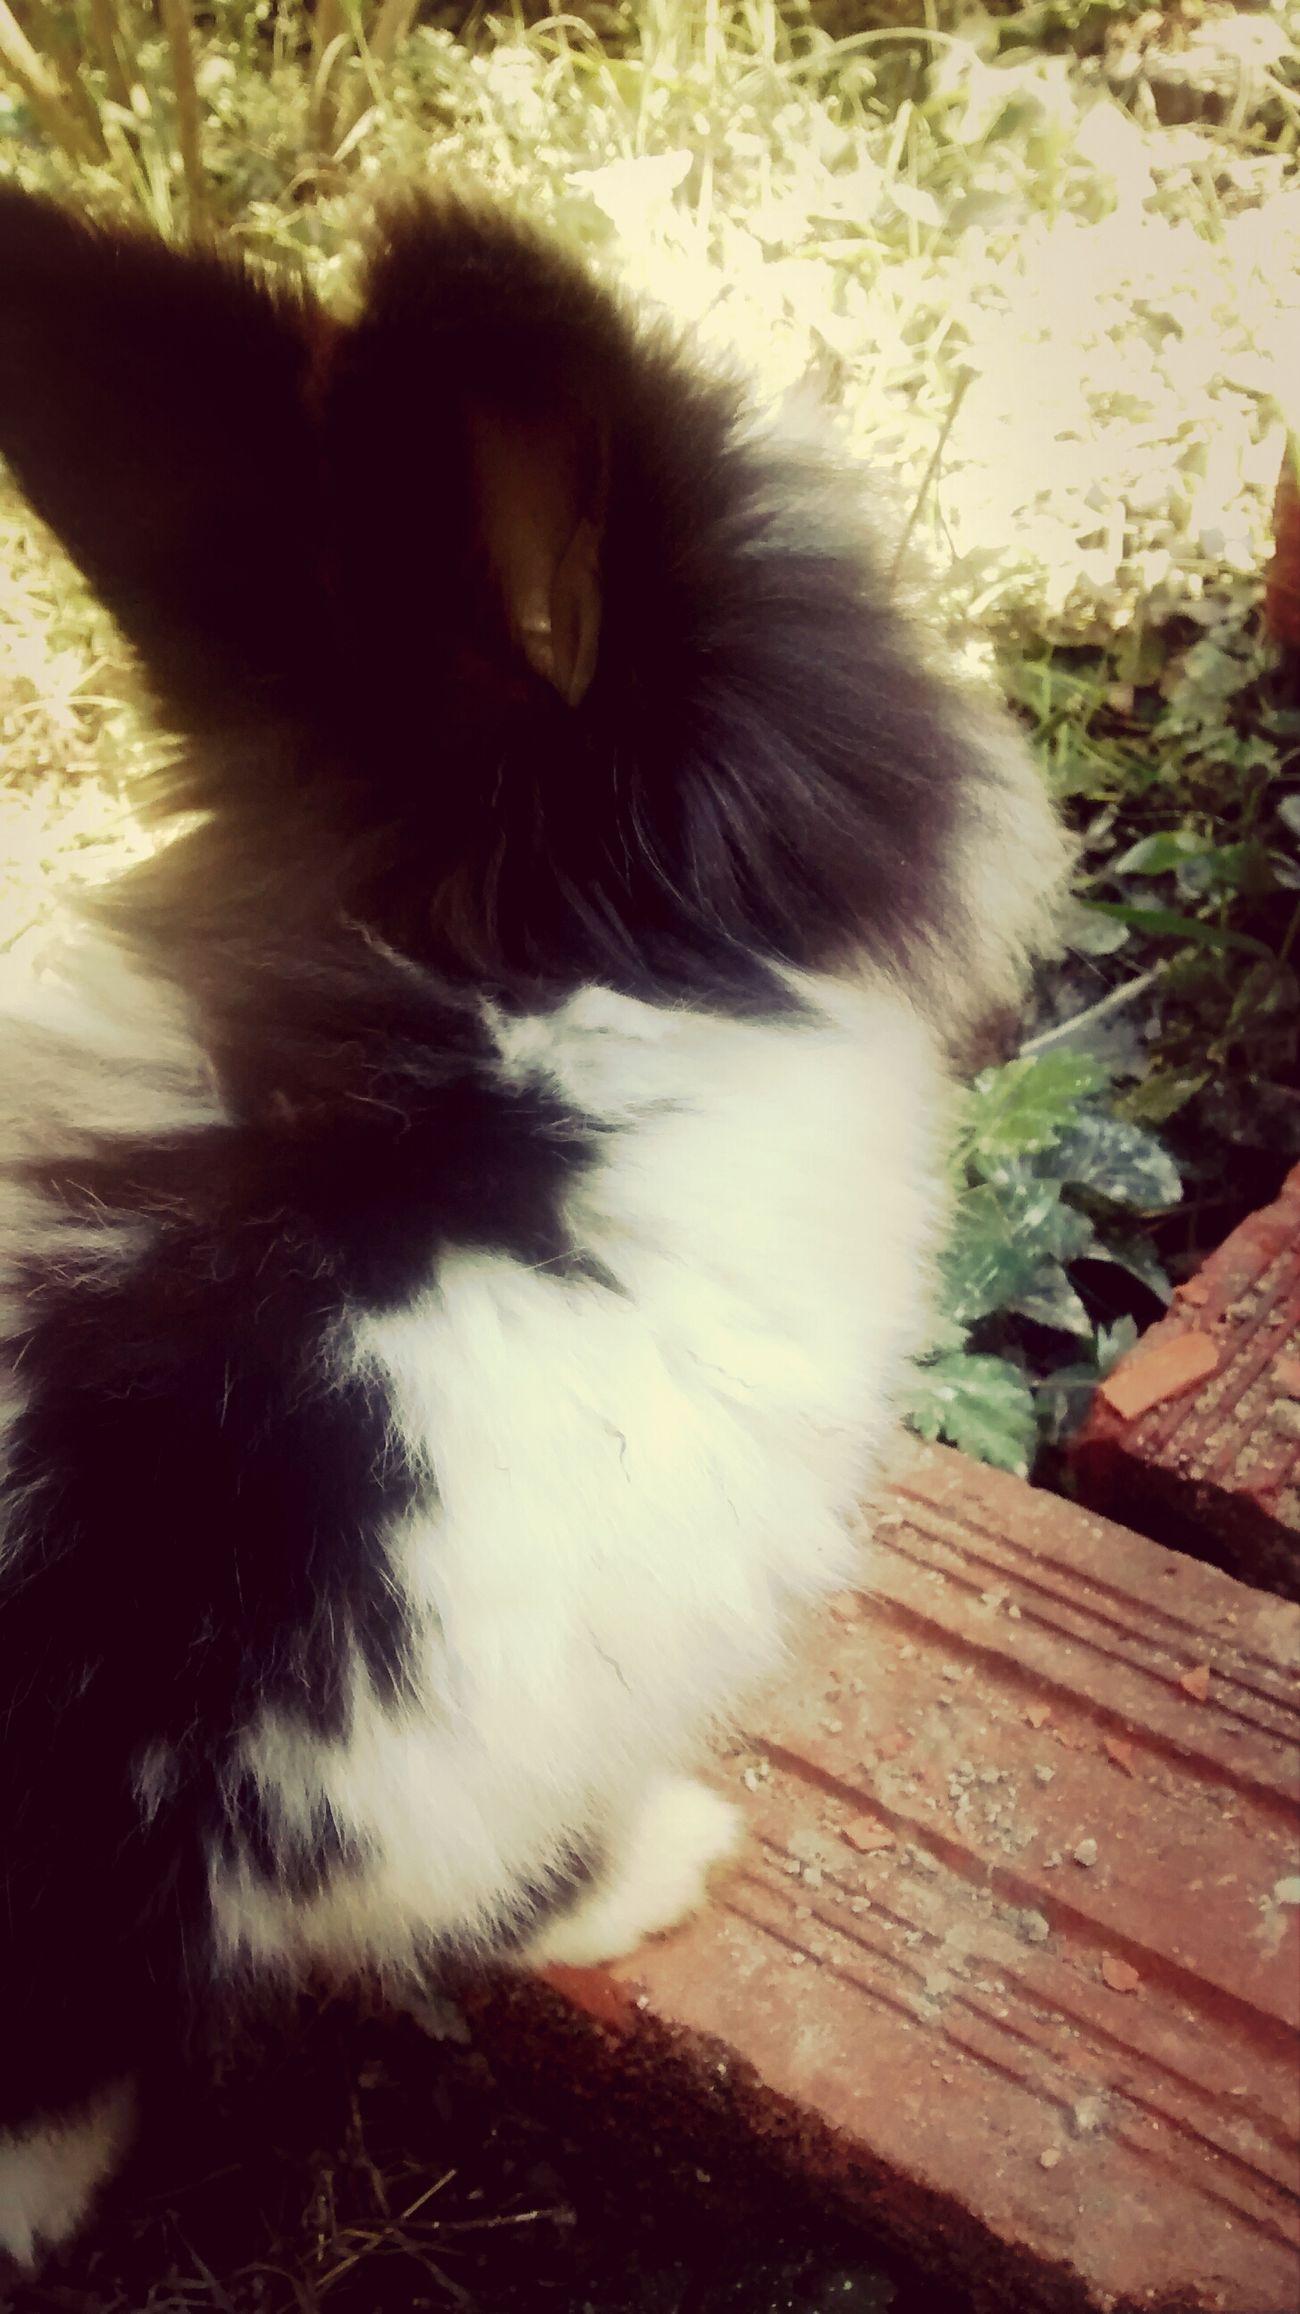 Ilovemypet Mybunny Cute Pets